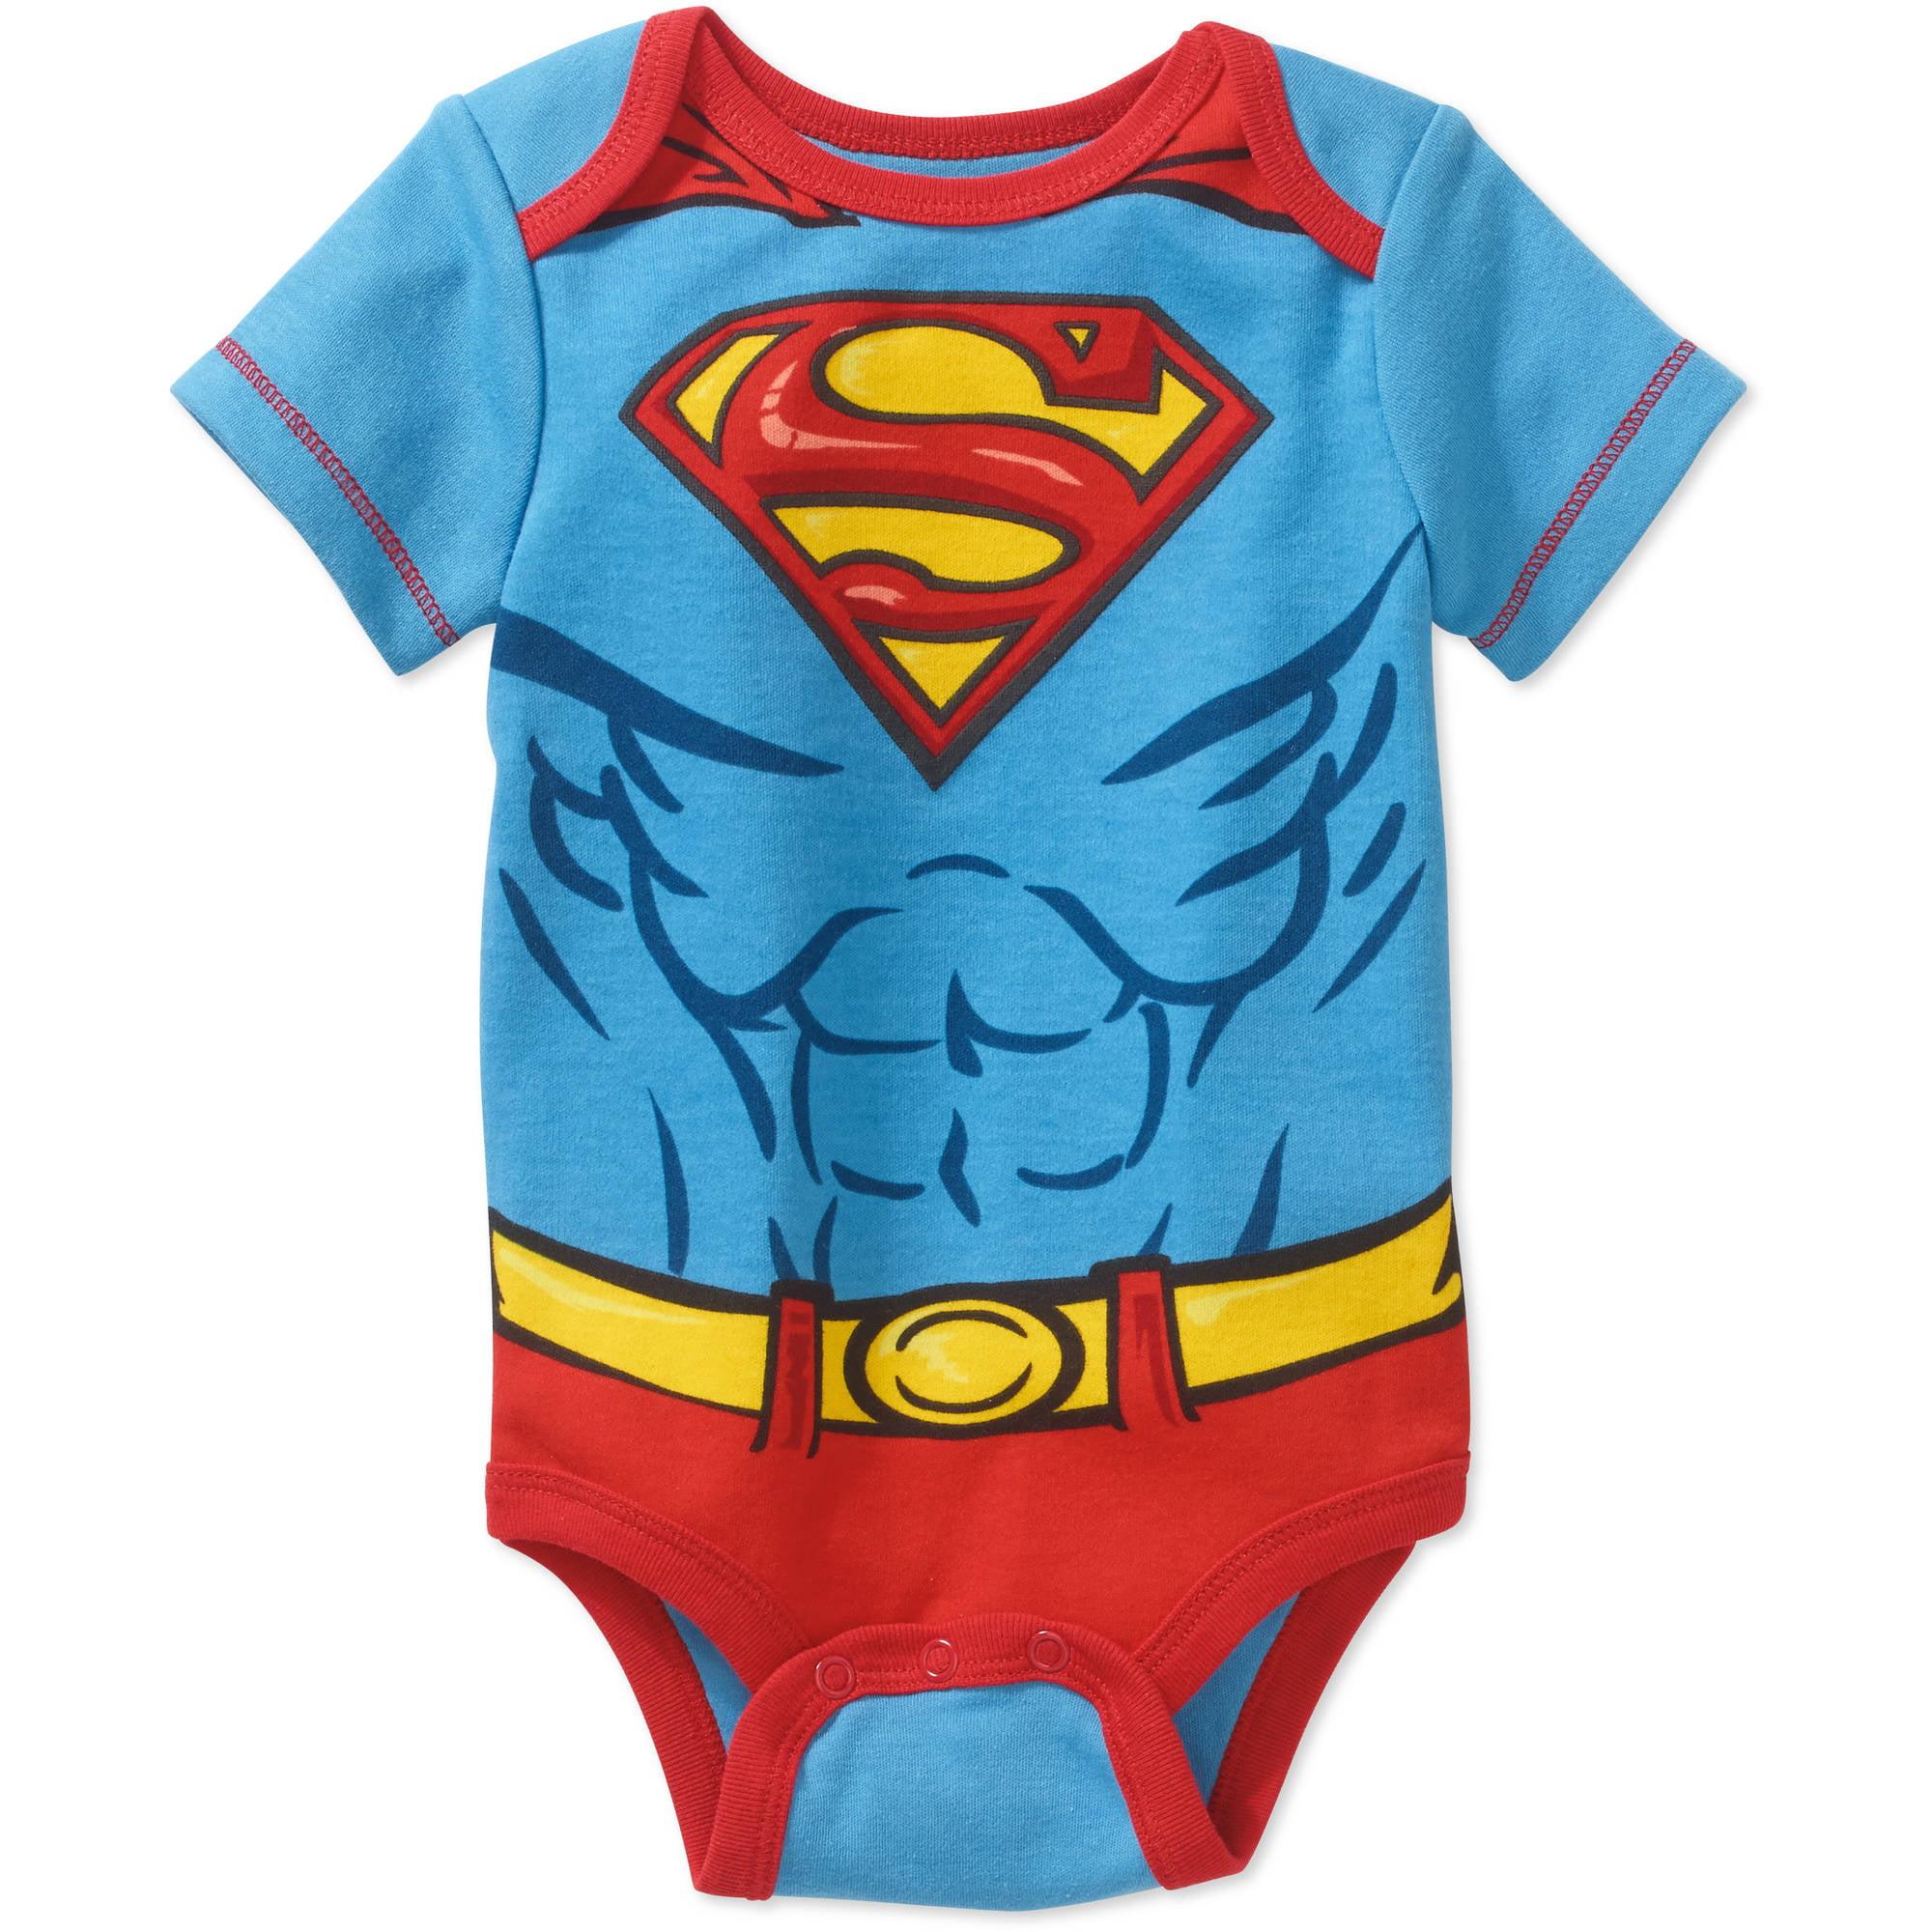 Newborn Baby Boys' Bodysuit